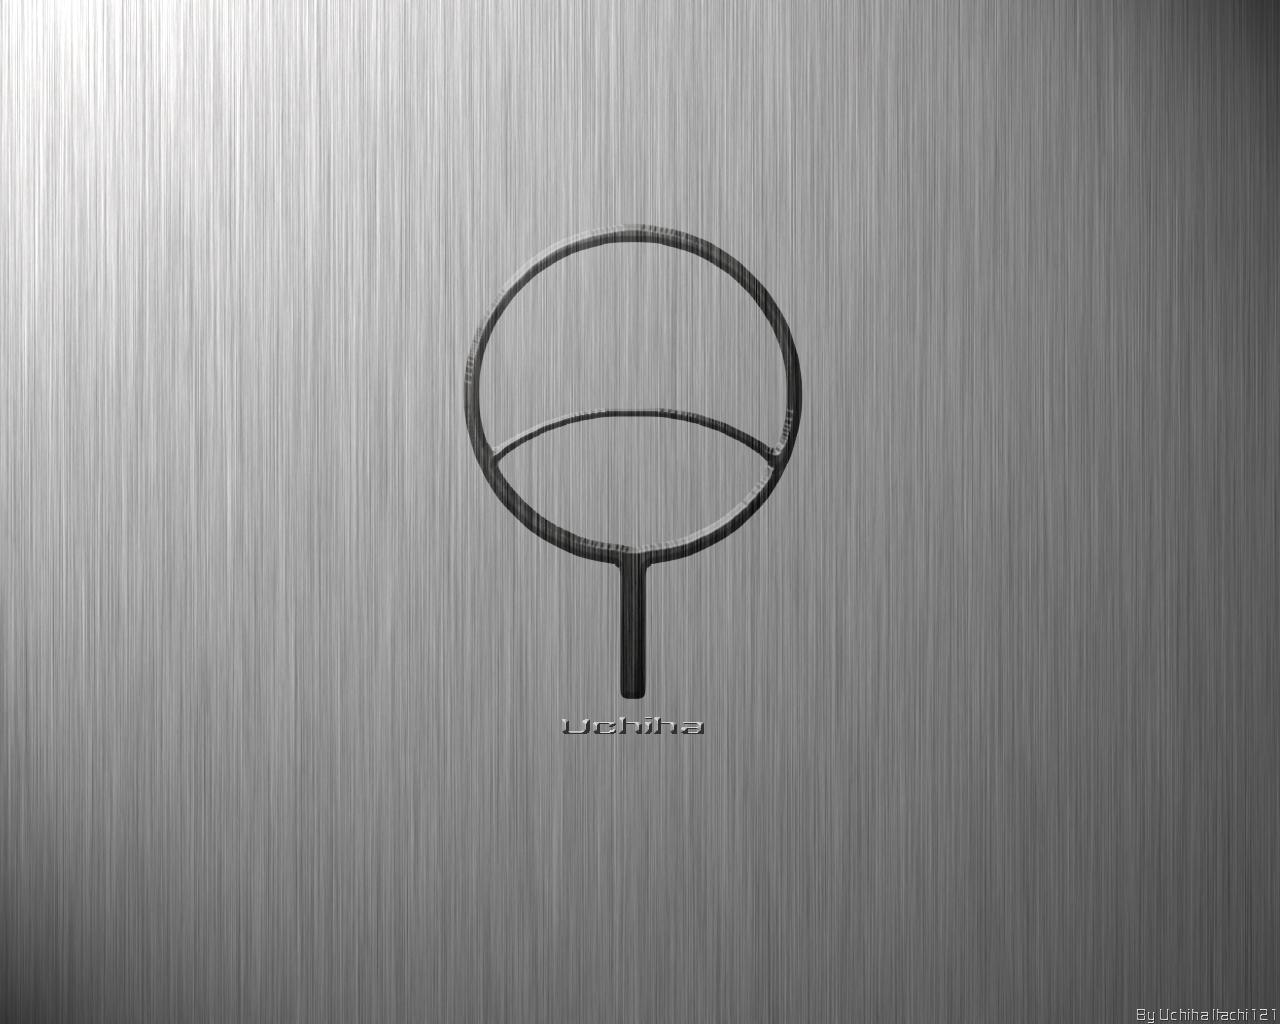 Uchiha Symbol Wallpapers 70 1280x1024